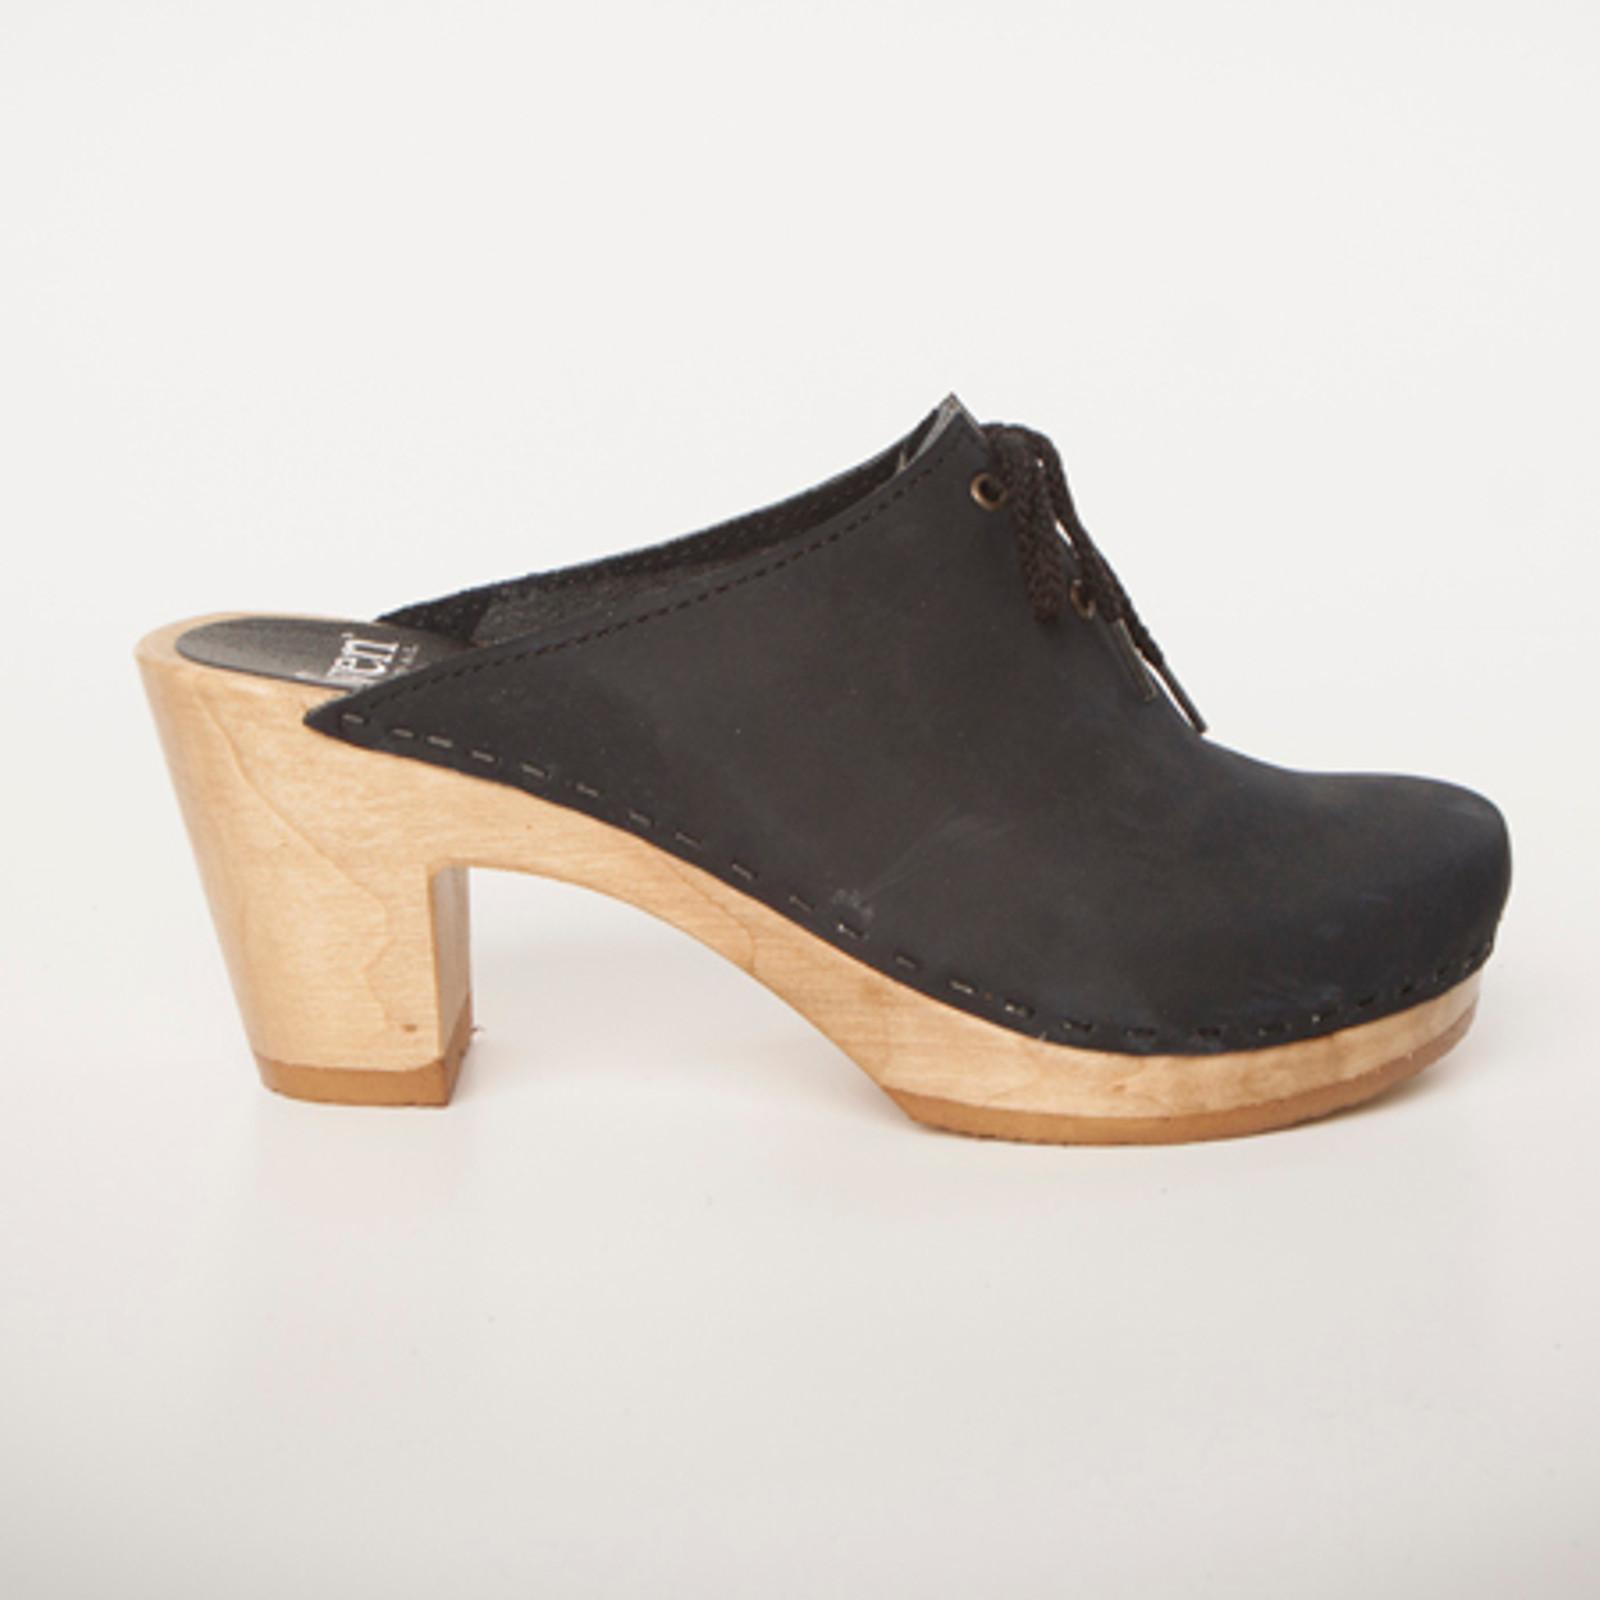 Tie Clogs - High Heels